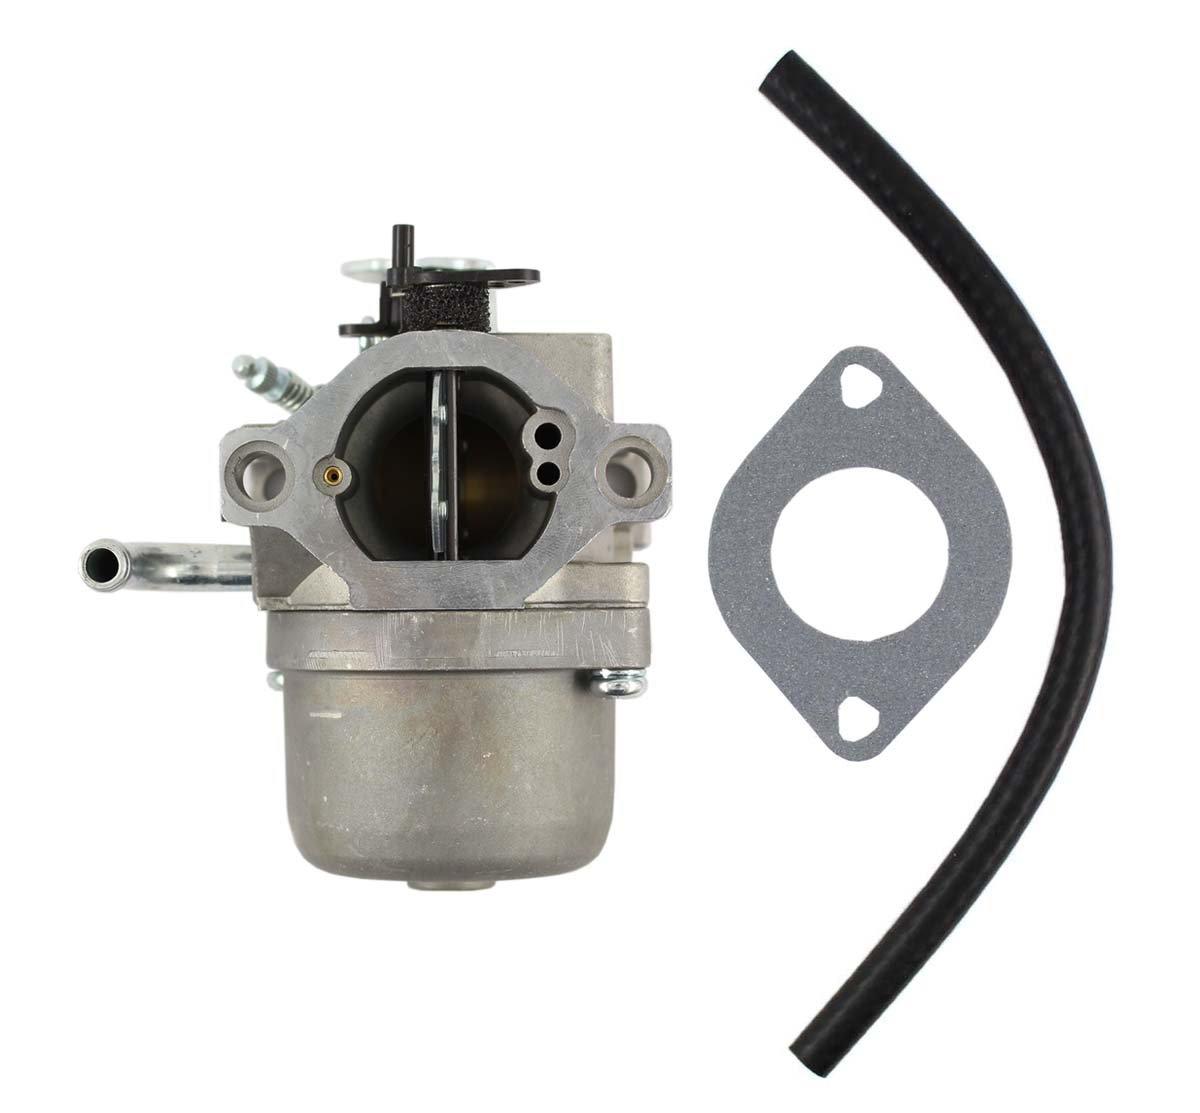 NEW  Carburetor For Briggs /& Stratton 593432 794653 791266 Engine Carb FREE USA